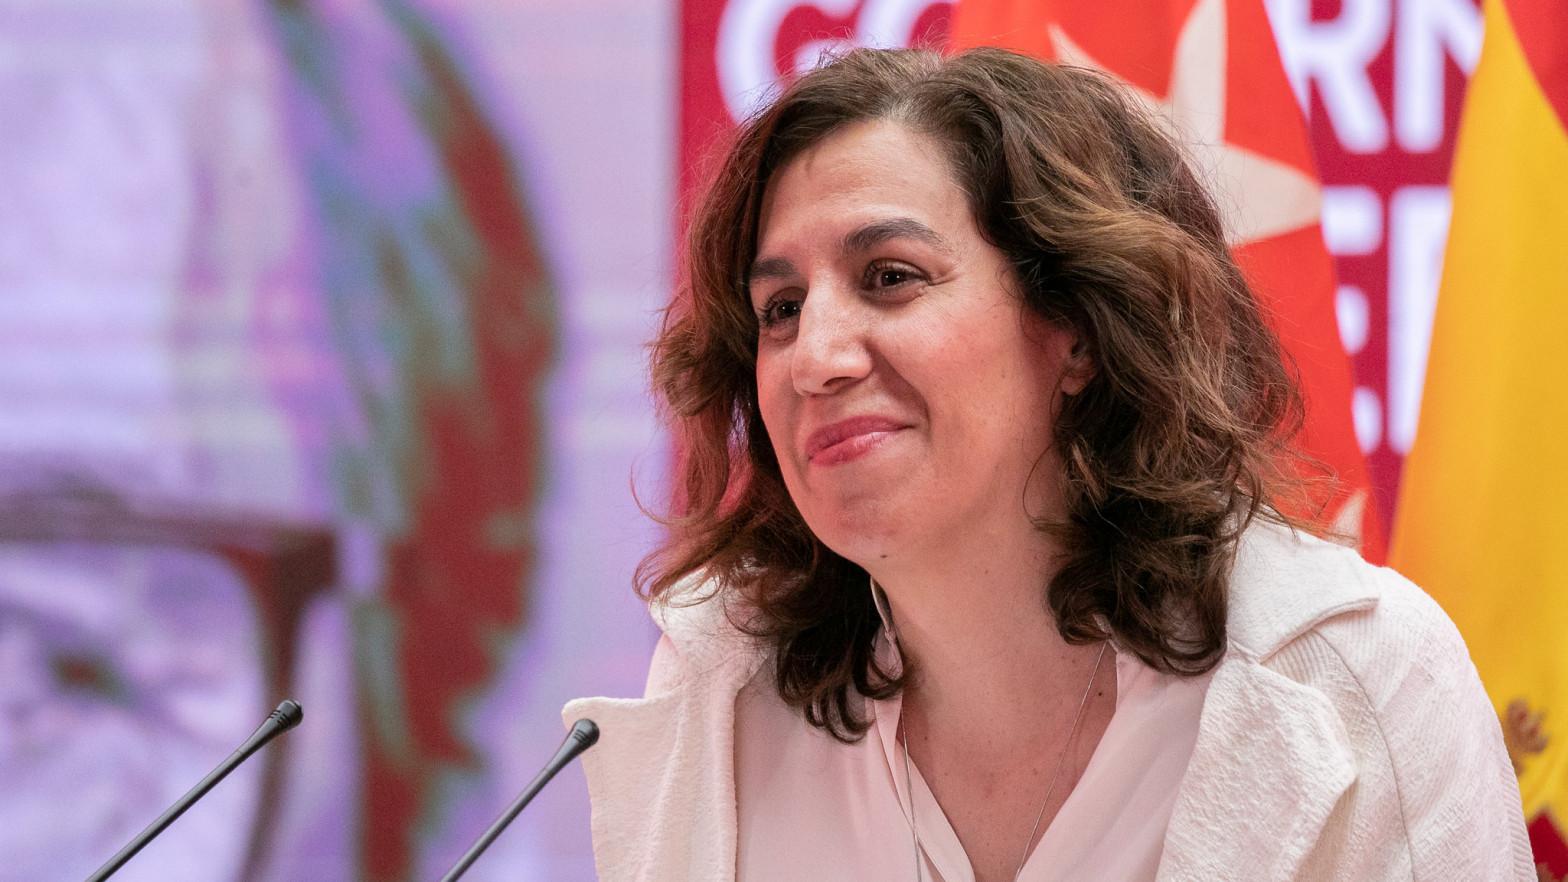 La profesionalización del fútbol femenino sentenció a Irene Lozano tras enfrentarse a Rubiales y Blanco